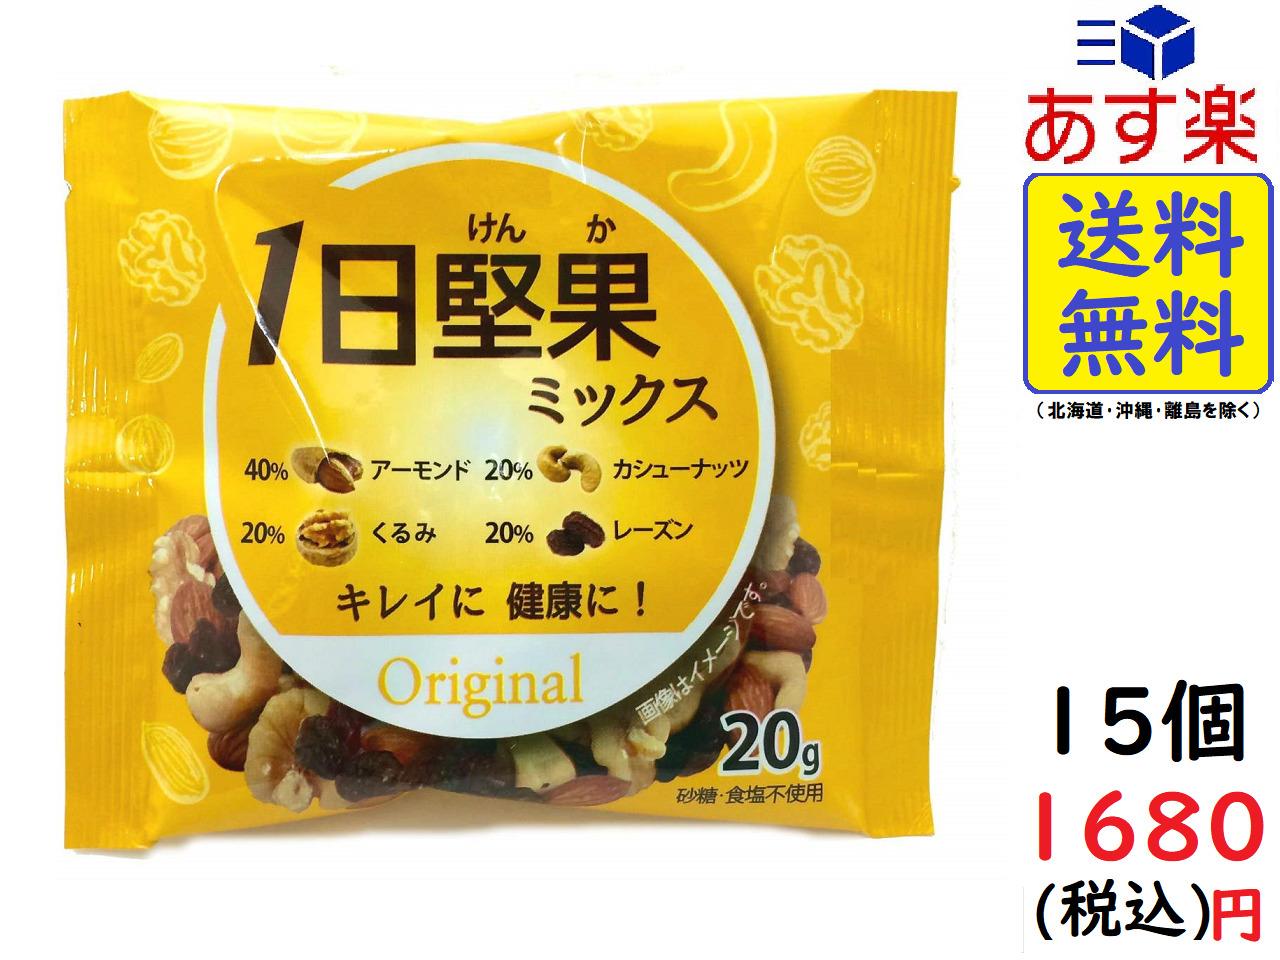 3Gケア 1日堅果ミックスオリジナル 20g×15袋 賞味期限2020/06/16